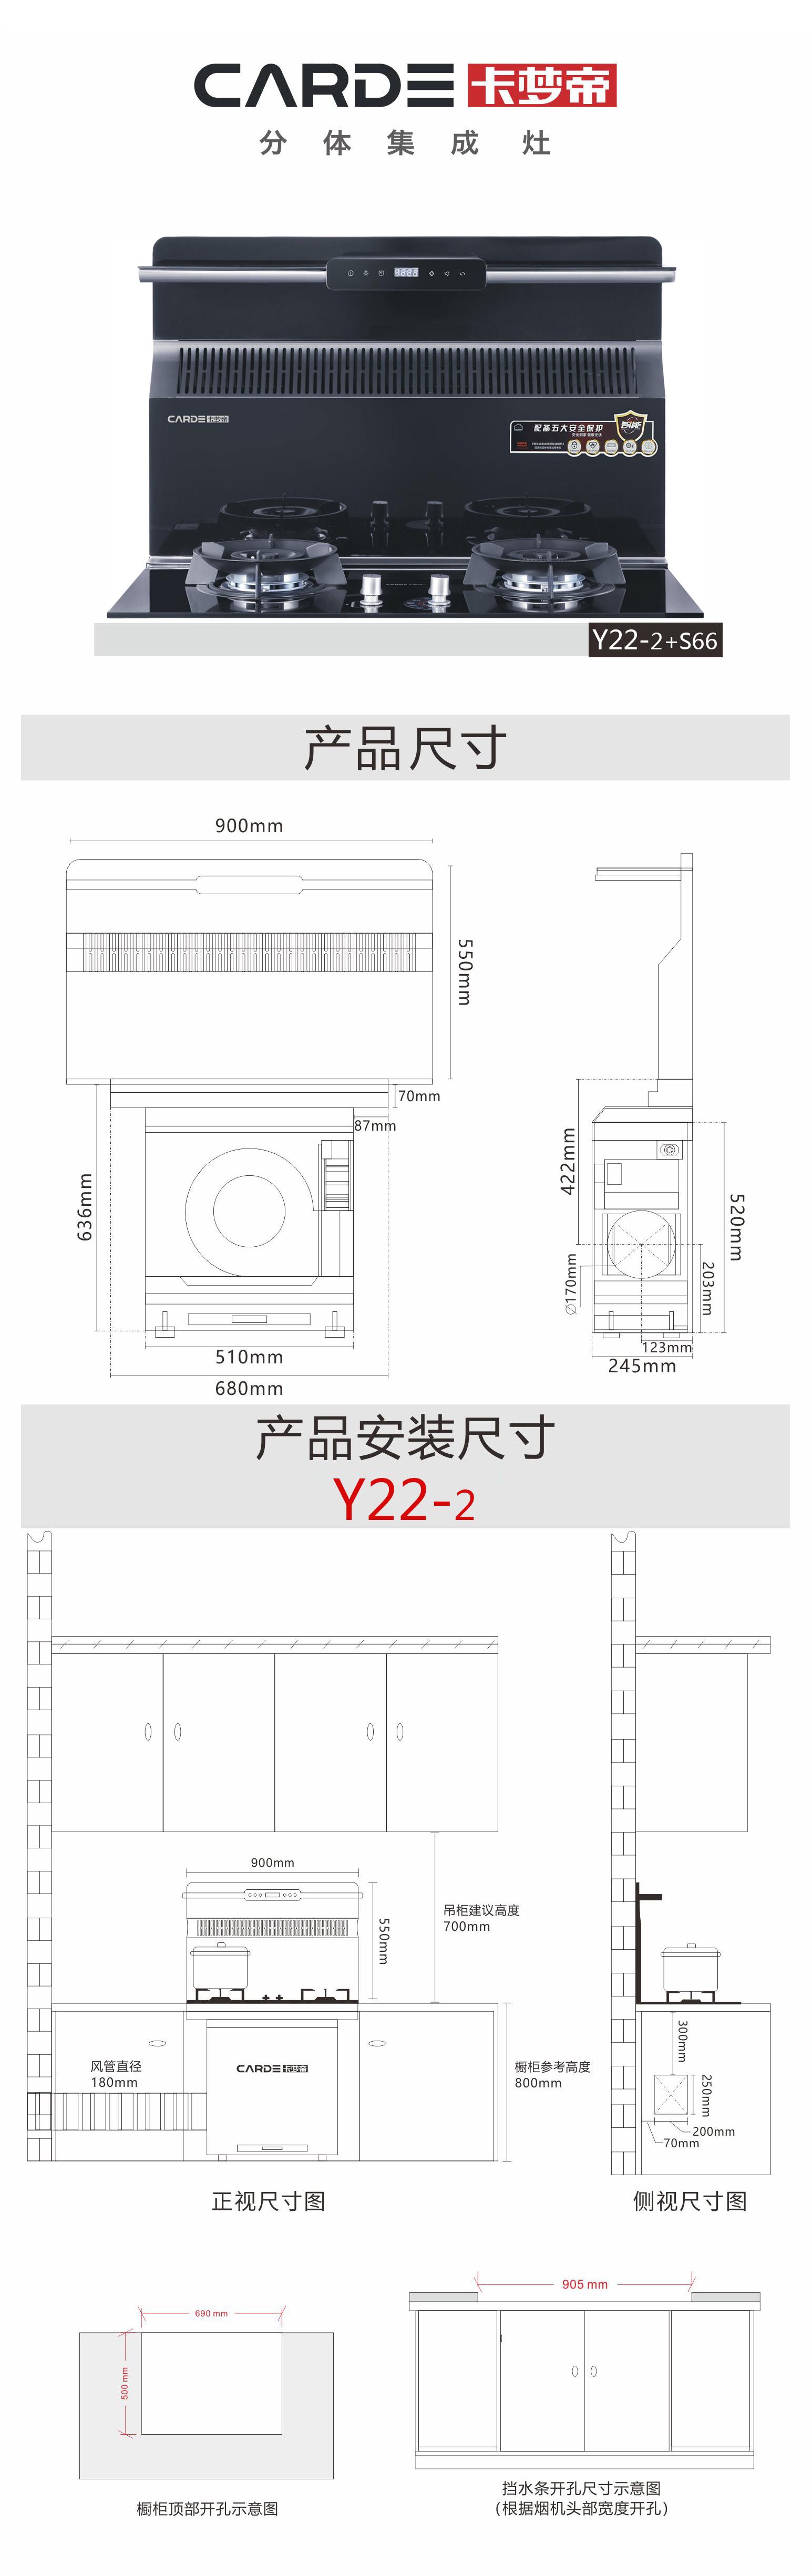 Y22-2.jpg